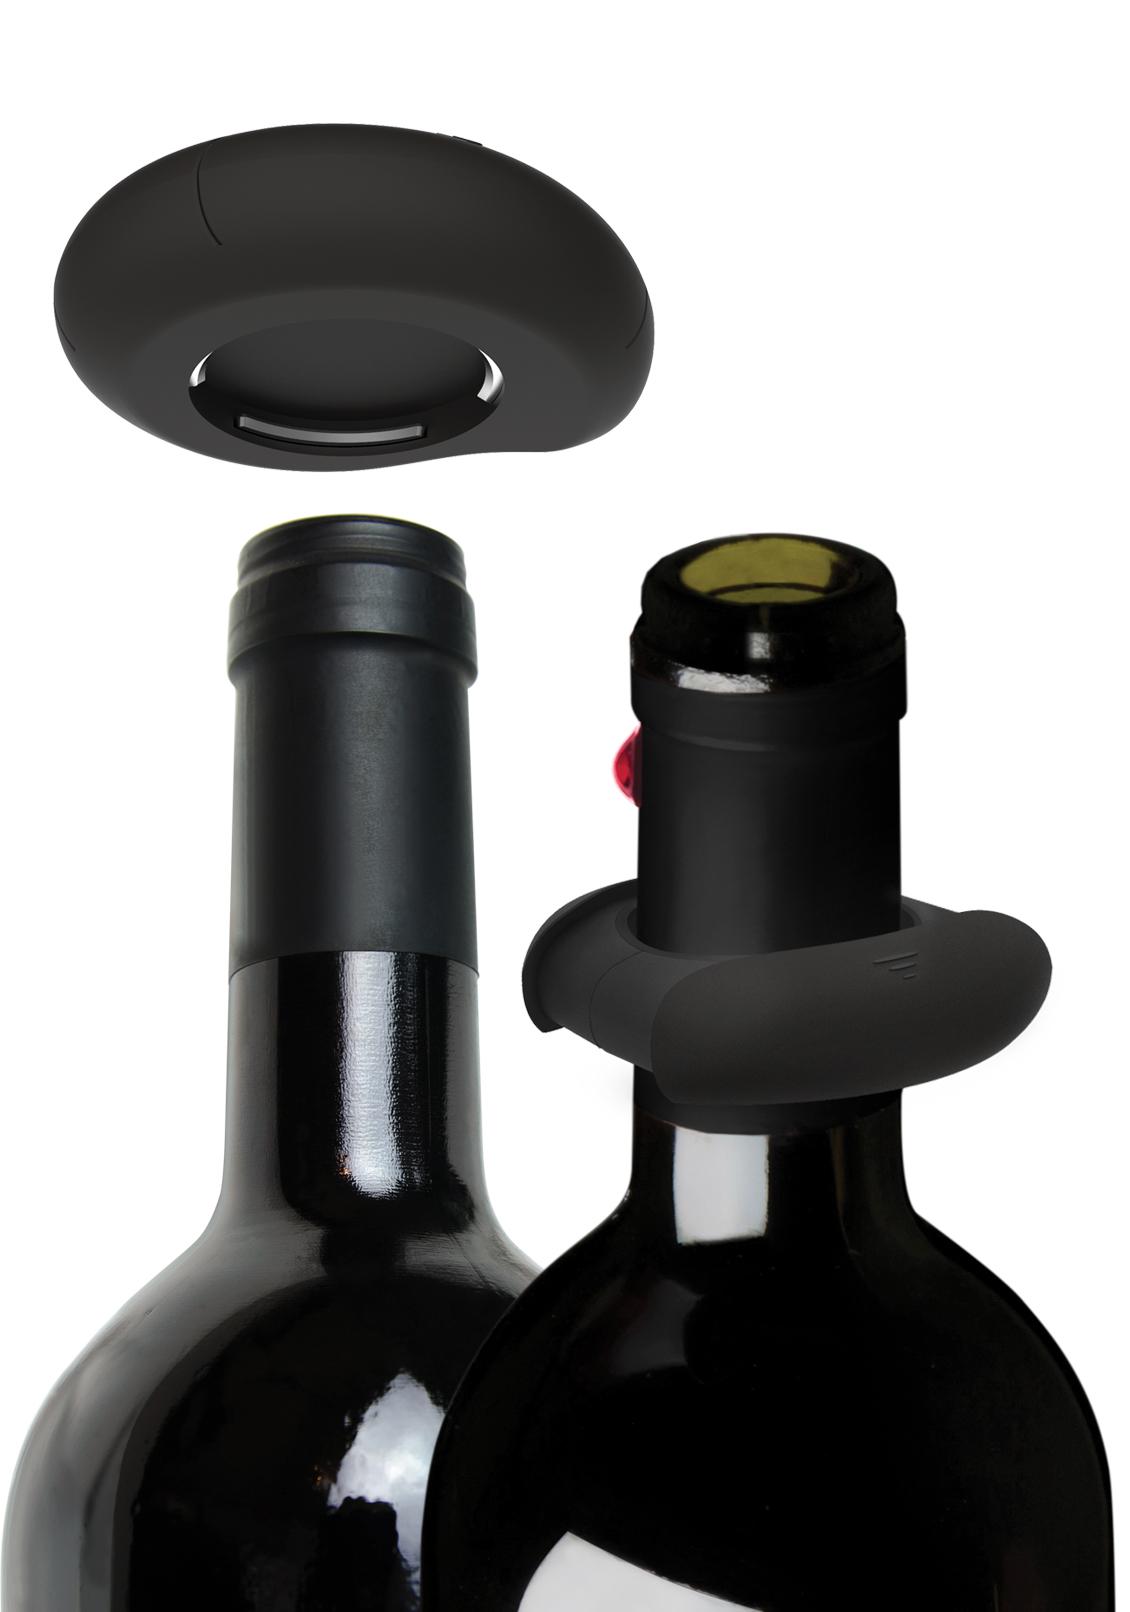 Découpe-capsuleet antigoutte - Découpez la capsule en un seul geste. Détachez les deux côtés et passez-les autour du goulot de votre bouteille. La feutrine de protection absorbera les éventuelles gouttes de vin.